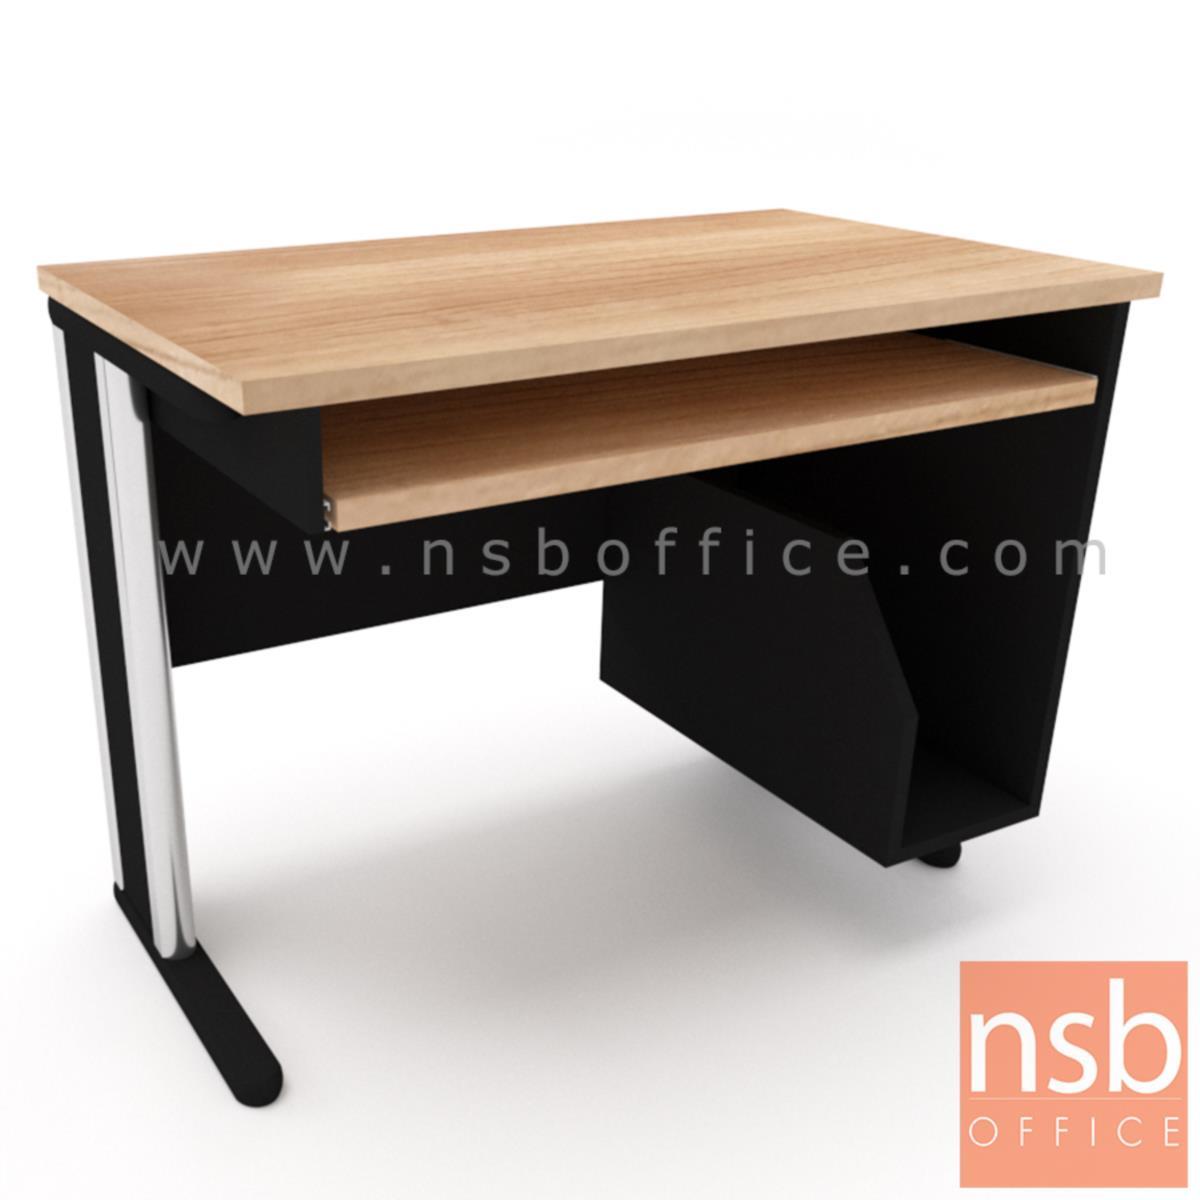 A18A013:โต๊ะคอมพิวเตอร์ มีที่วางซีพียู รุ่น Brockhampton (บร็อคแคมพ์ทัน) ขนาด 100W ,120W cm. เมลามีน